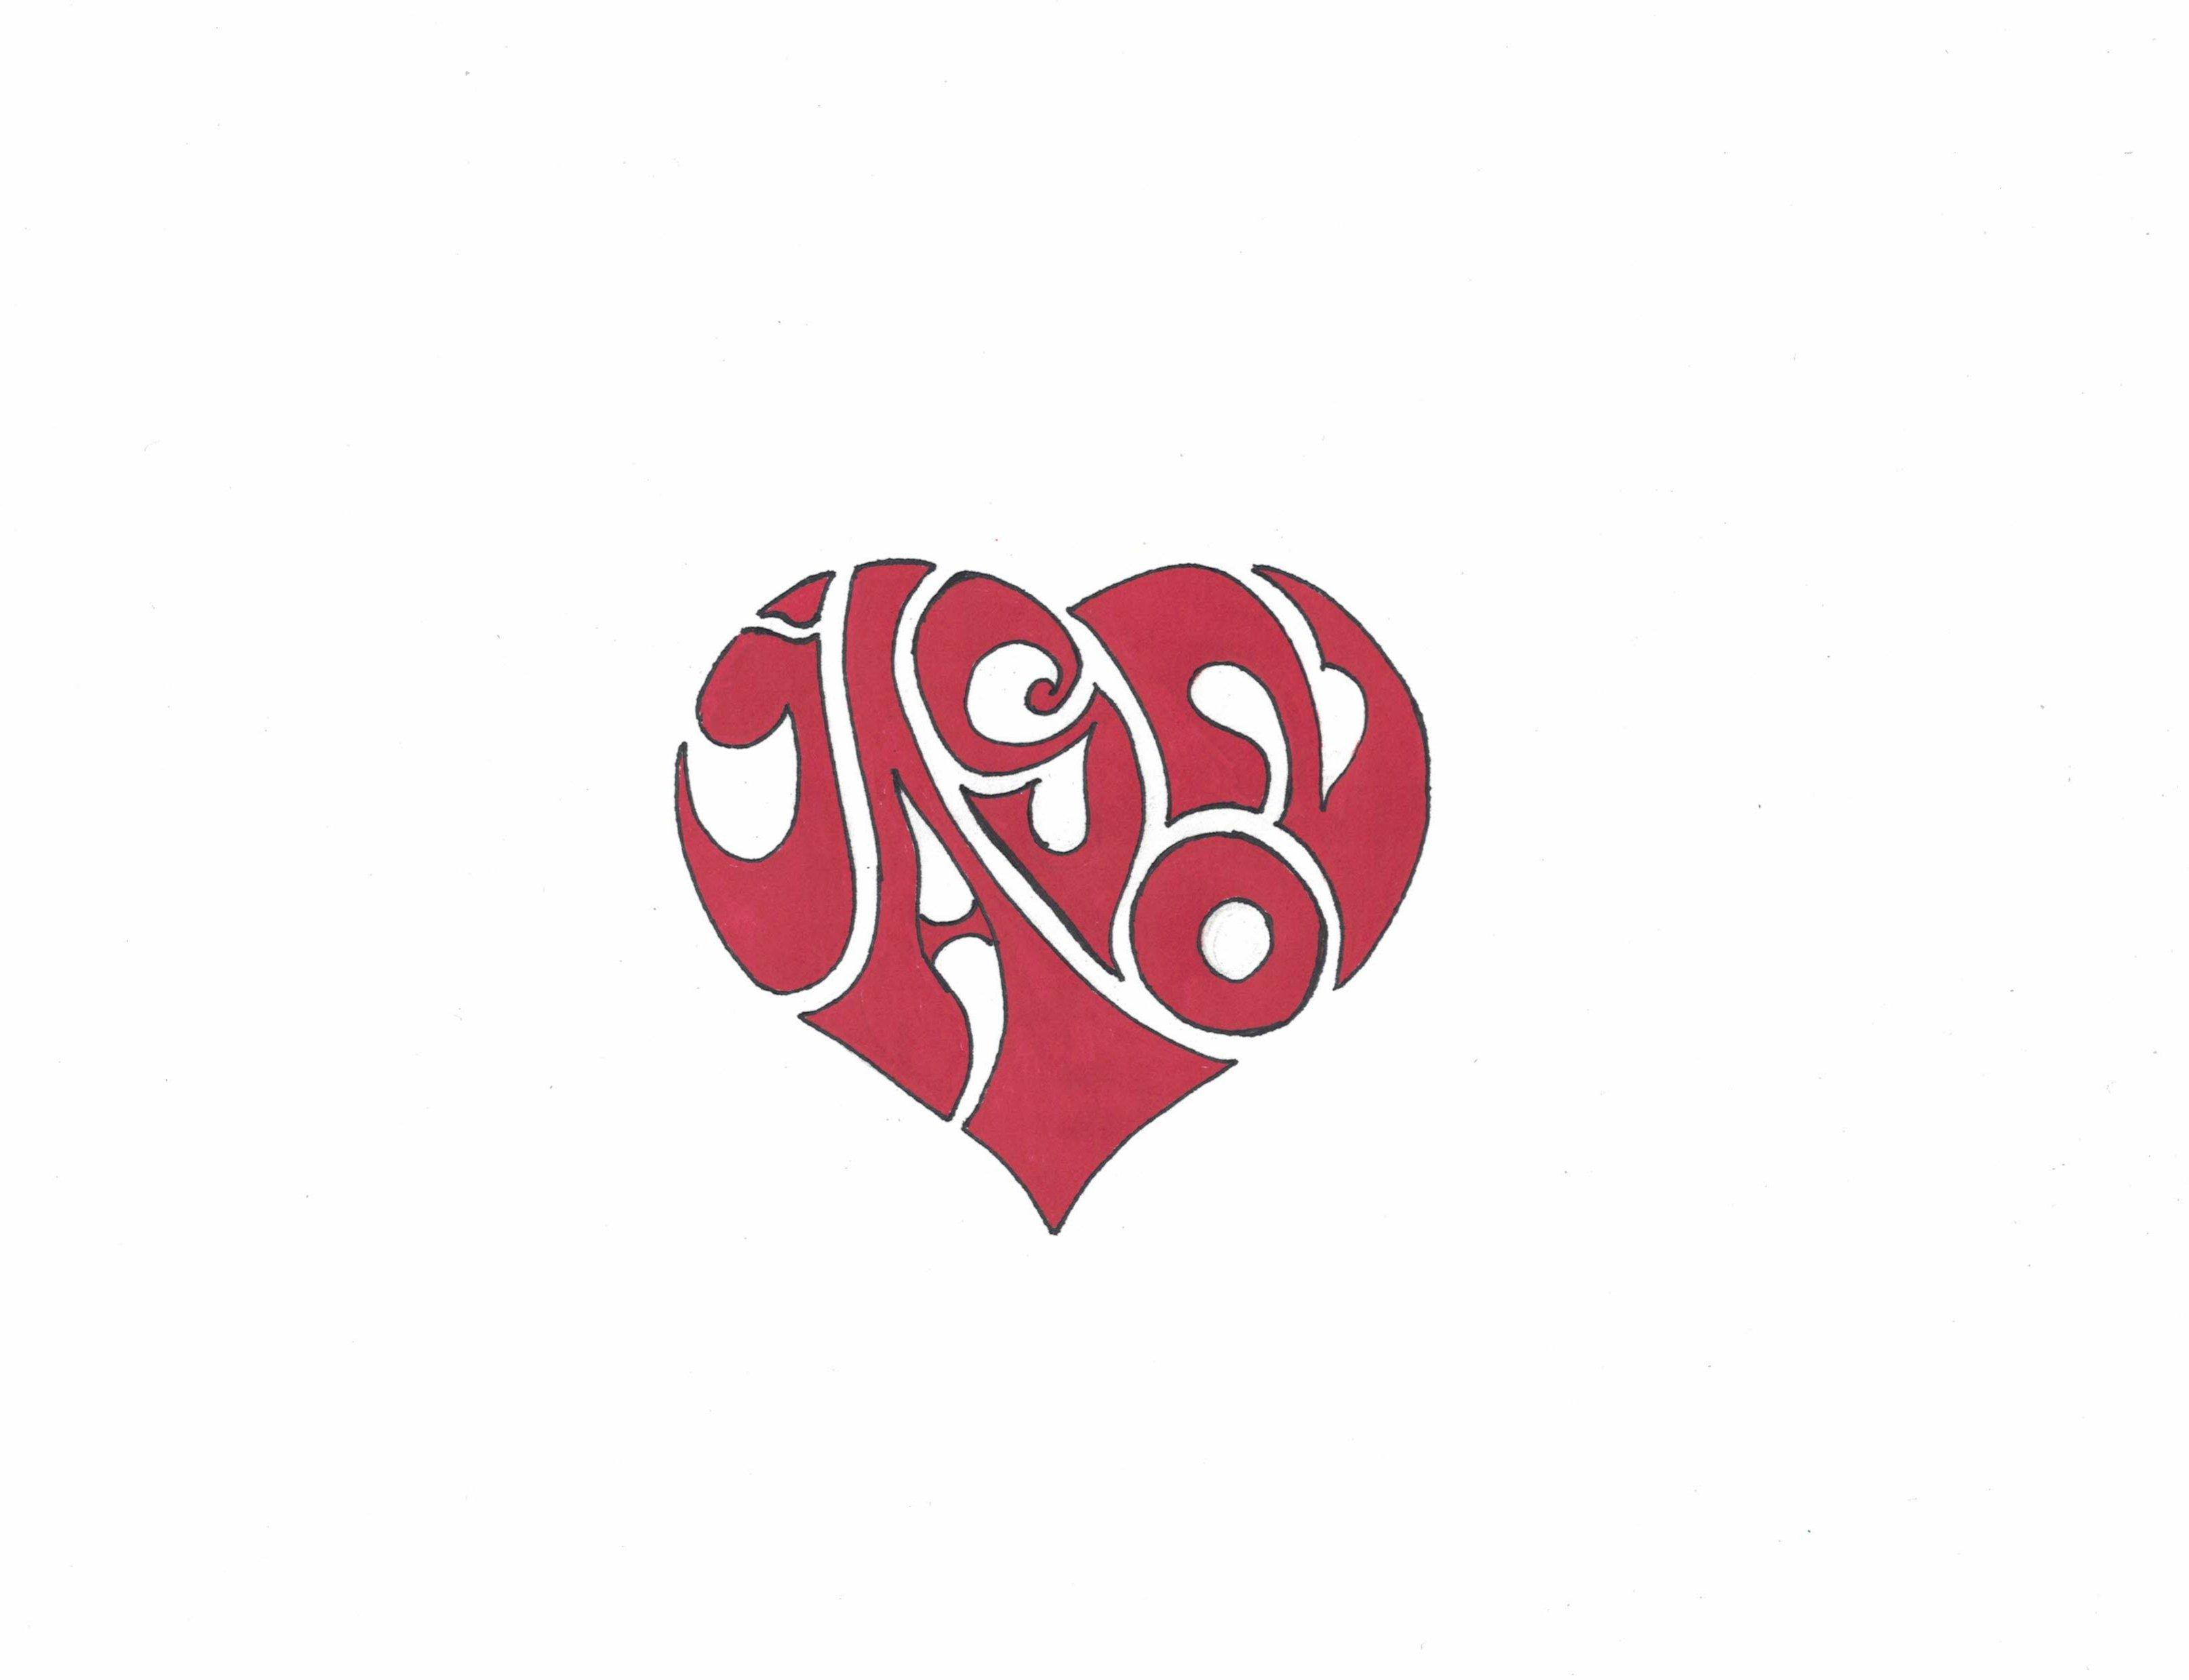 Jason Heart